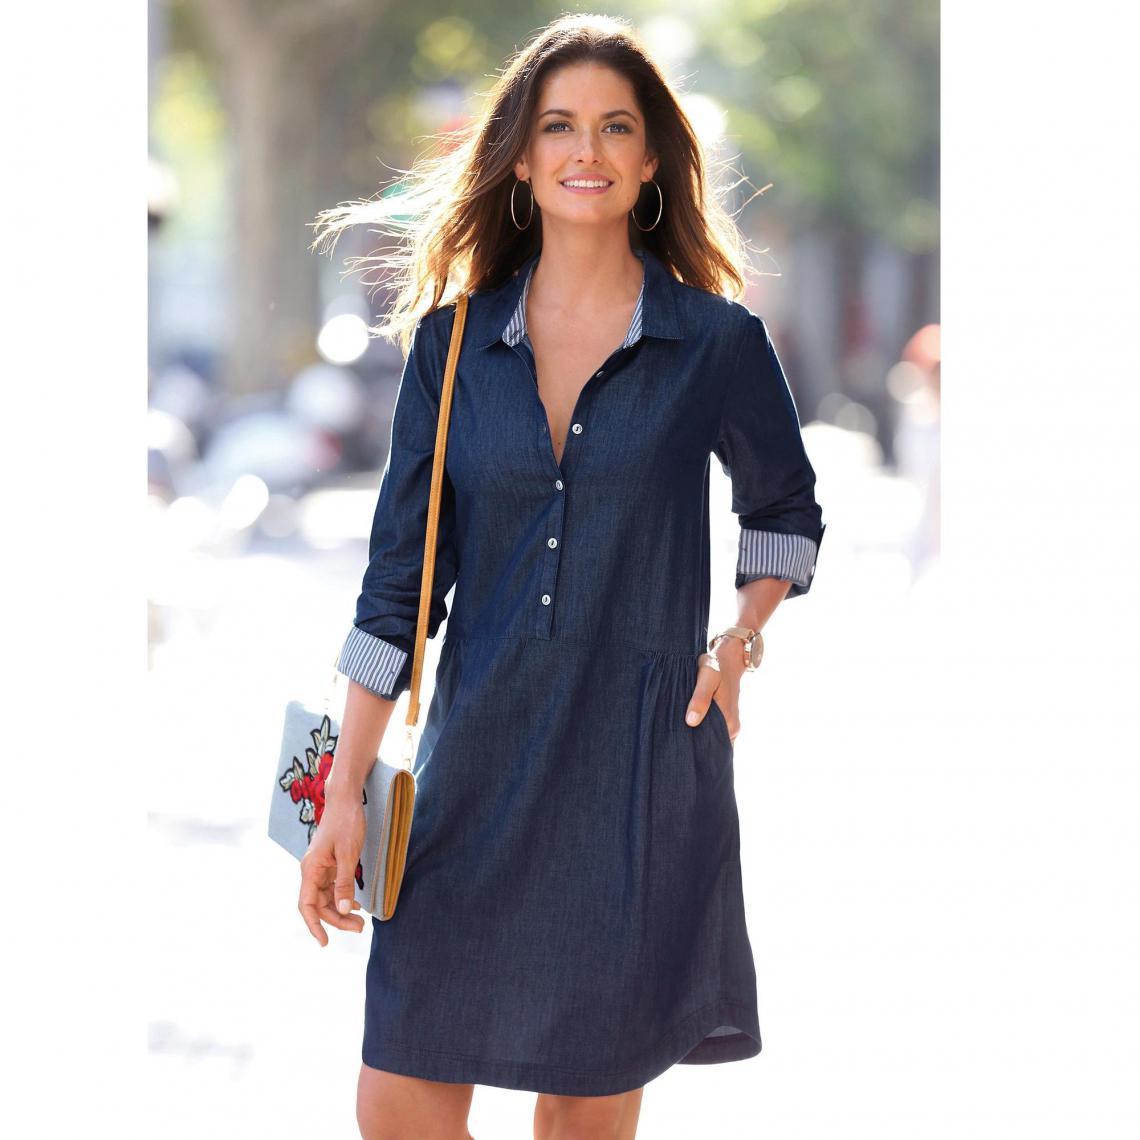 c59eb19ac28b3 Robe en jean manches longues col chemise femme - bleu foncé 3 SUISSES Femme